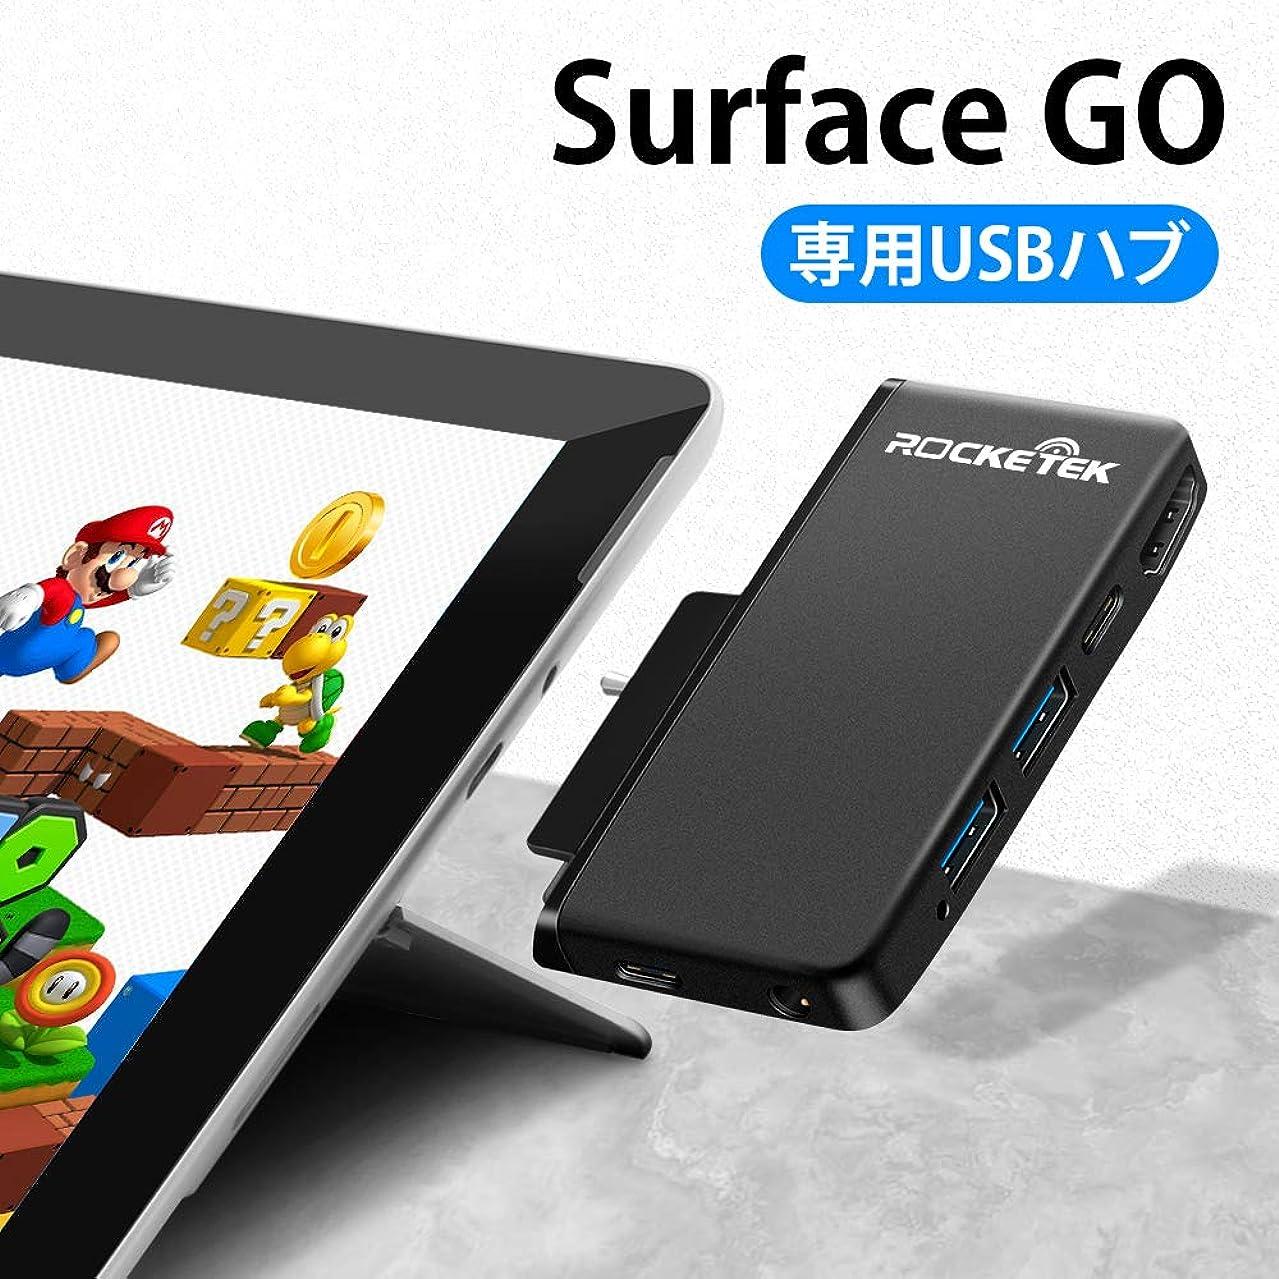 退院存在気候の山Rocketek Surface Go専用ハブ 6in1機能拡張、USB 3.0ポート*2、 4K HDMI出力ポート、 3.5mm ヘッドホンジャック、Type Cポート*2、60W PD充電可能(surface goドッキングステーション)